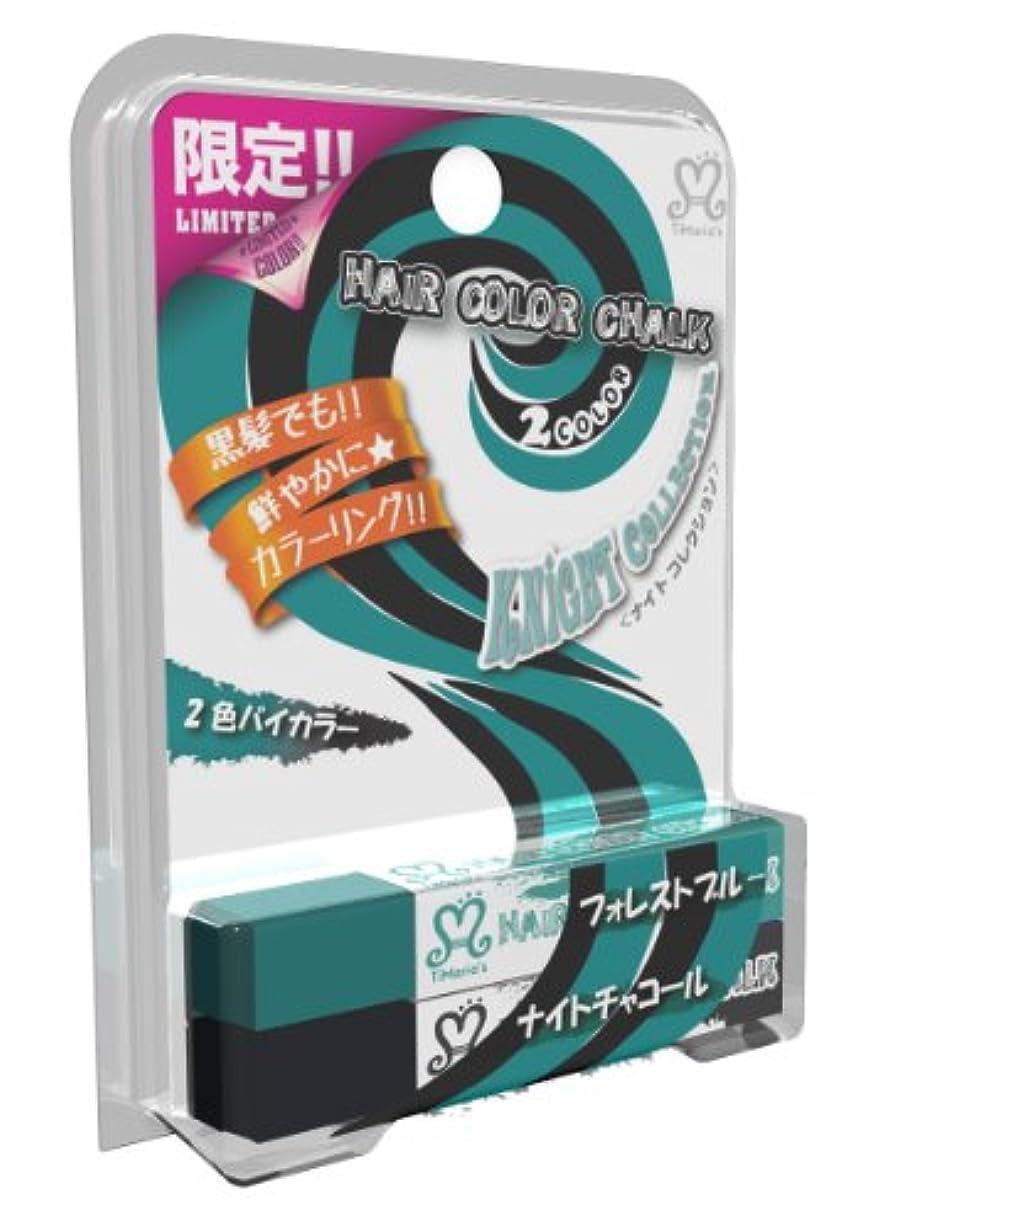 エスニック悪性腫瘍かごティーマリアーズ ヘアカラーチョーク バイカラーセット 04. ナイト